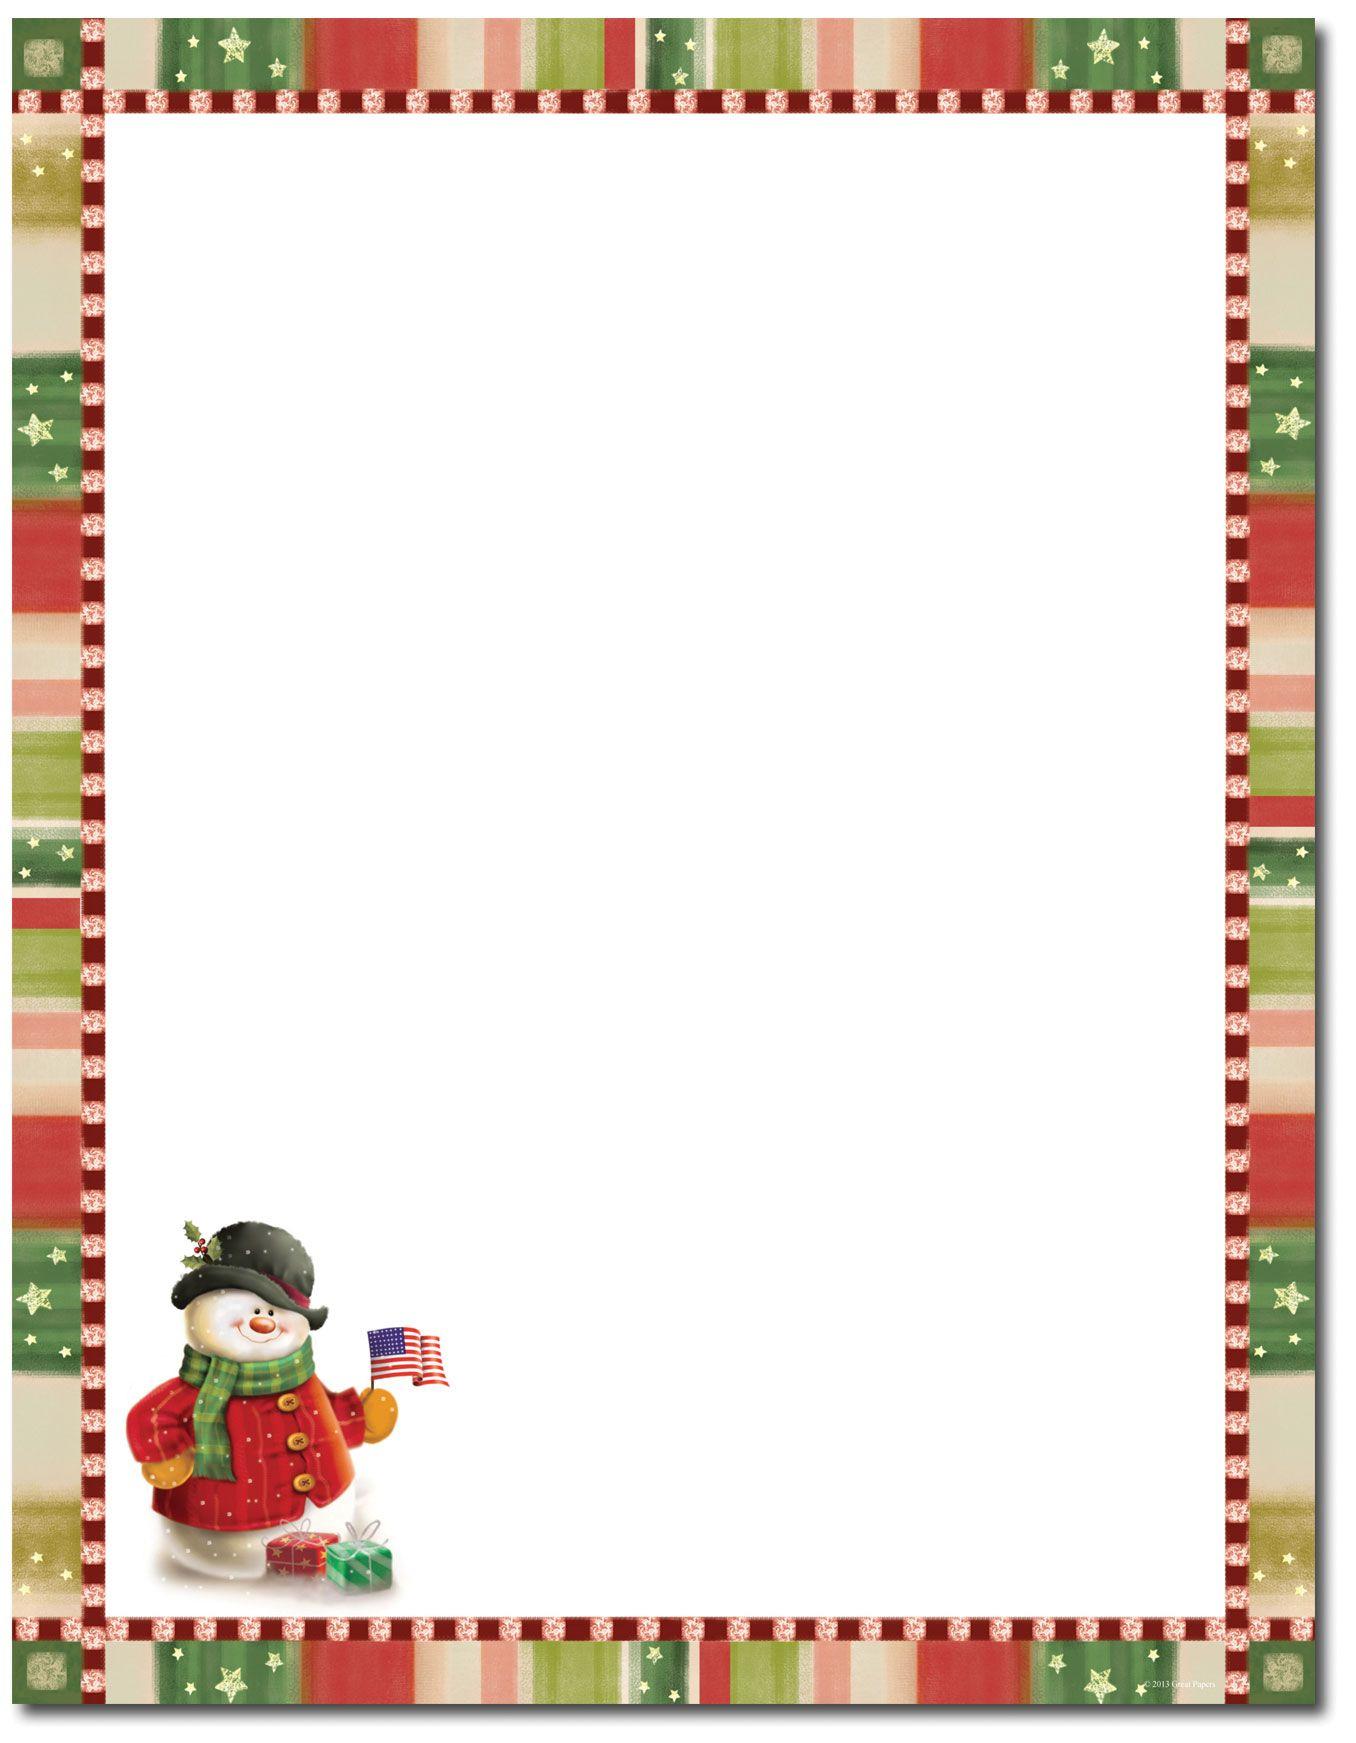 Patriotic Snowman Letterhead   Christmas Stationery   Christmas - Free Printable Christmas Stationery Paper